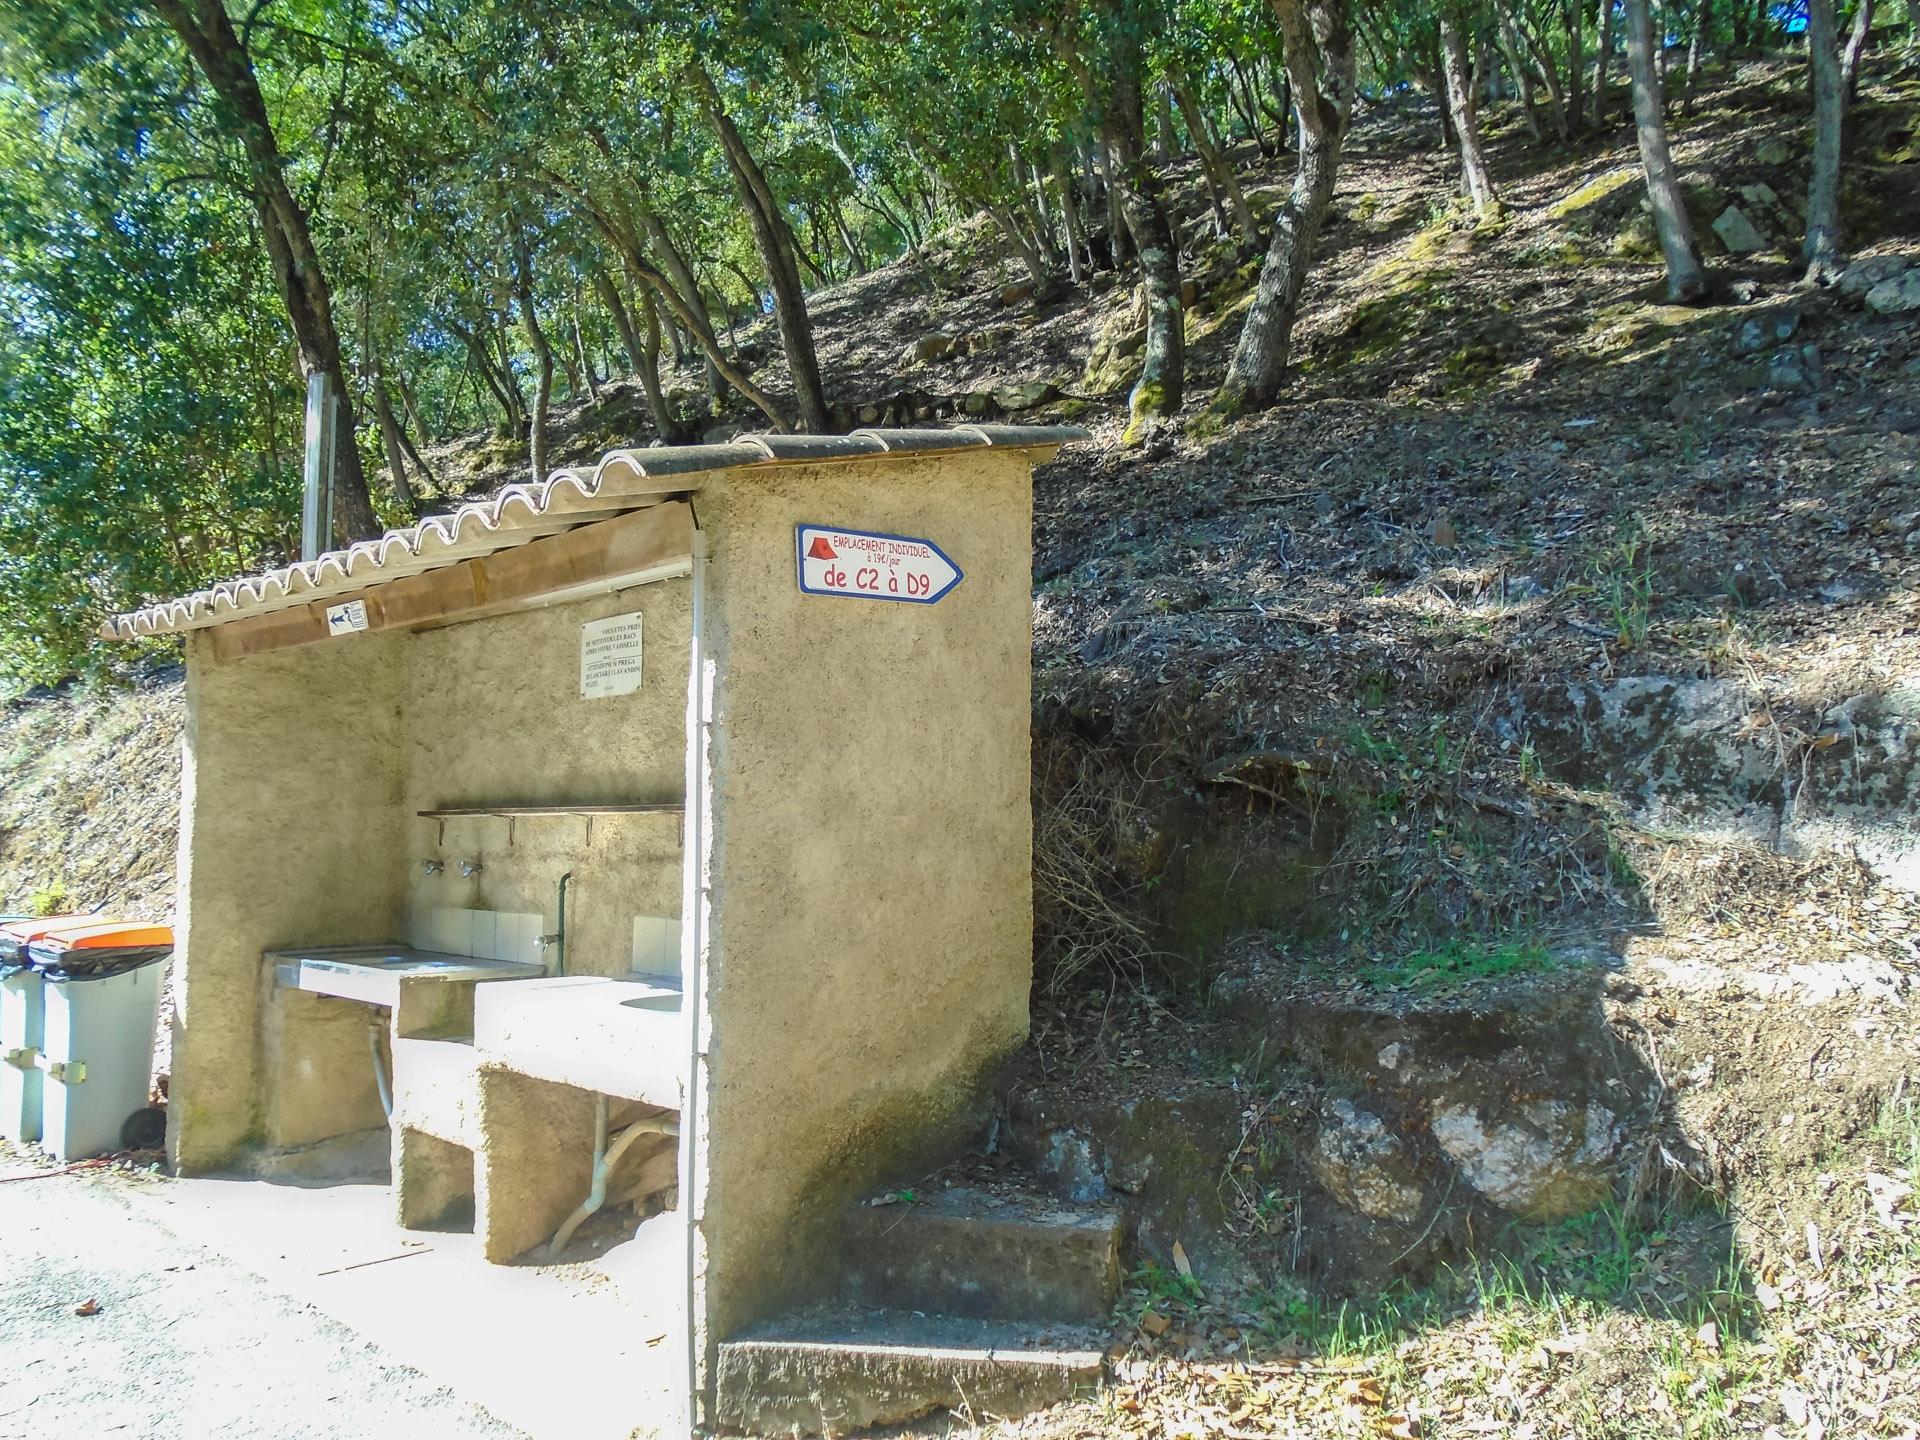 Camping La Valleé